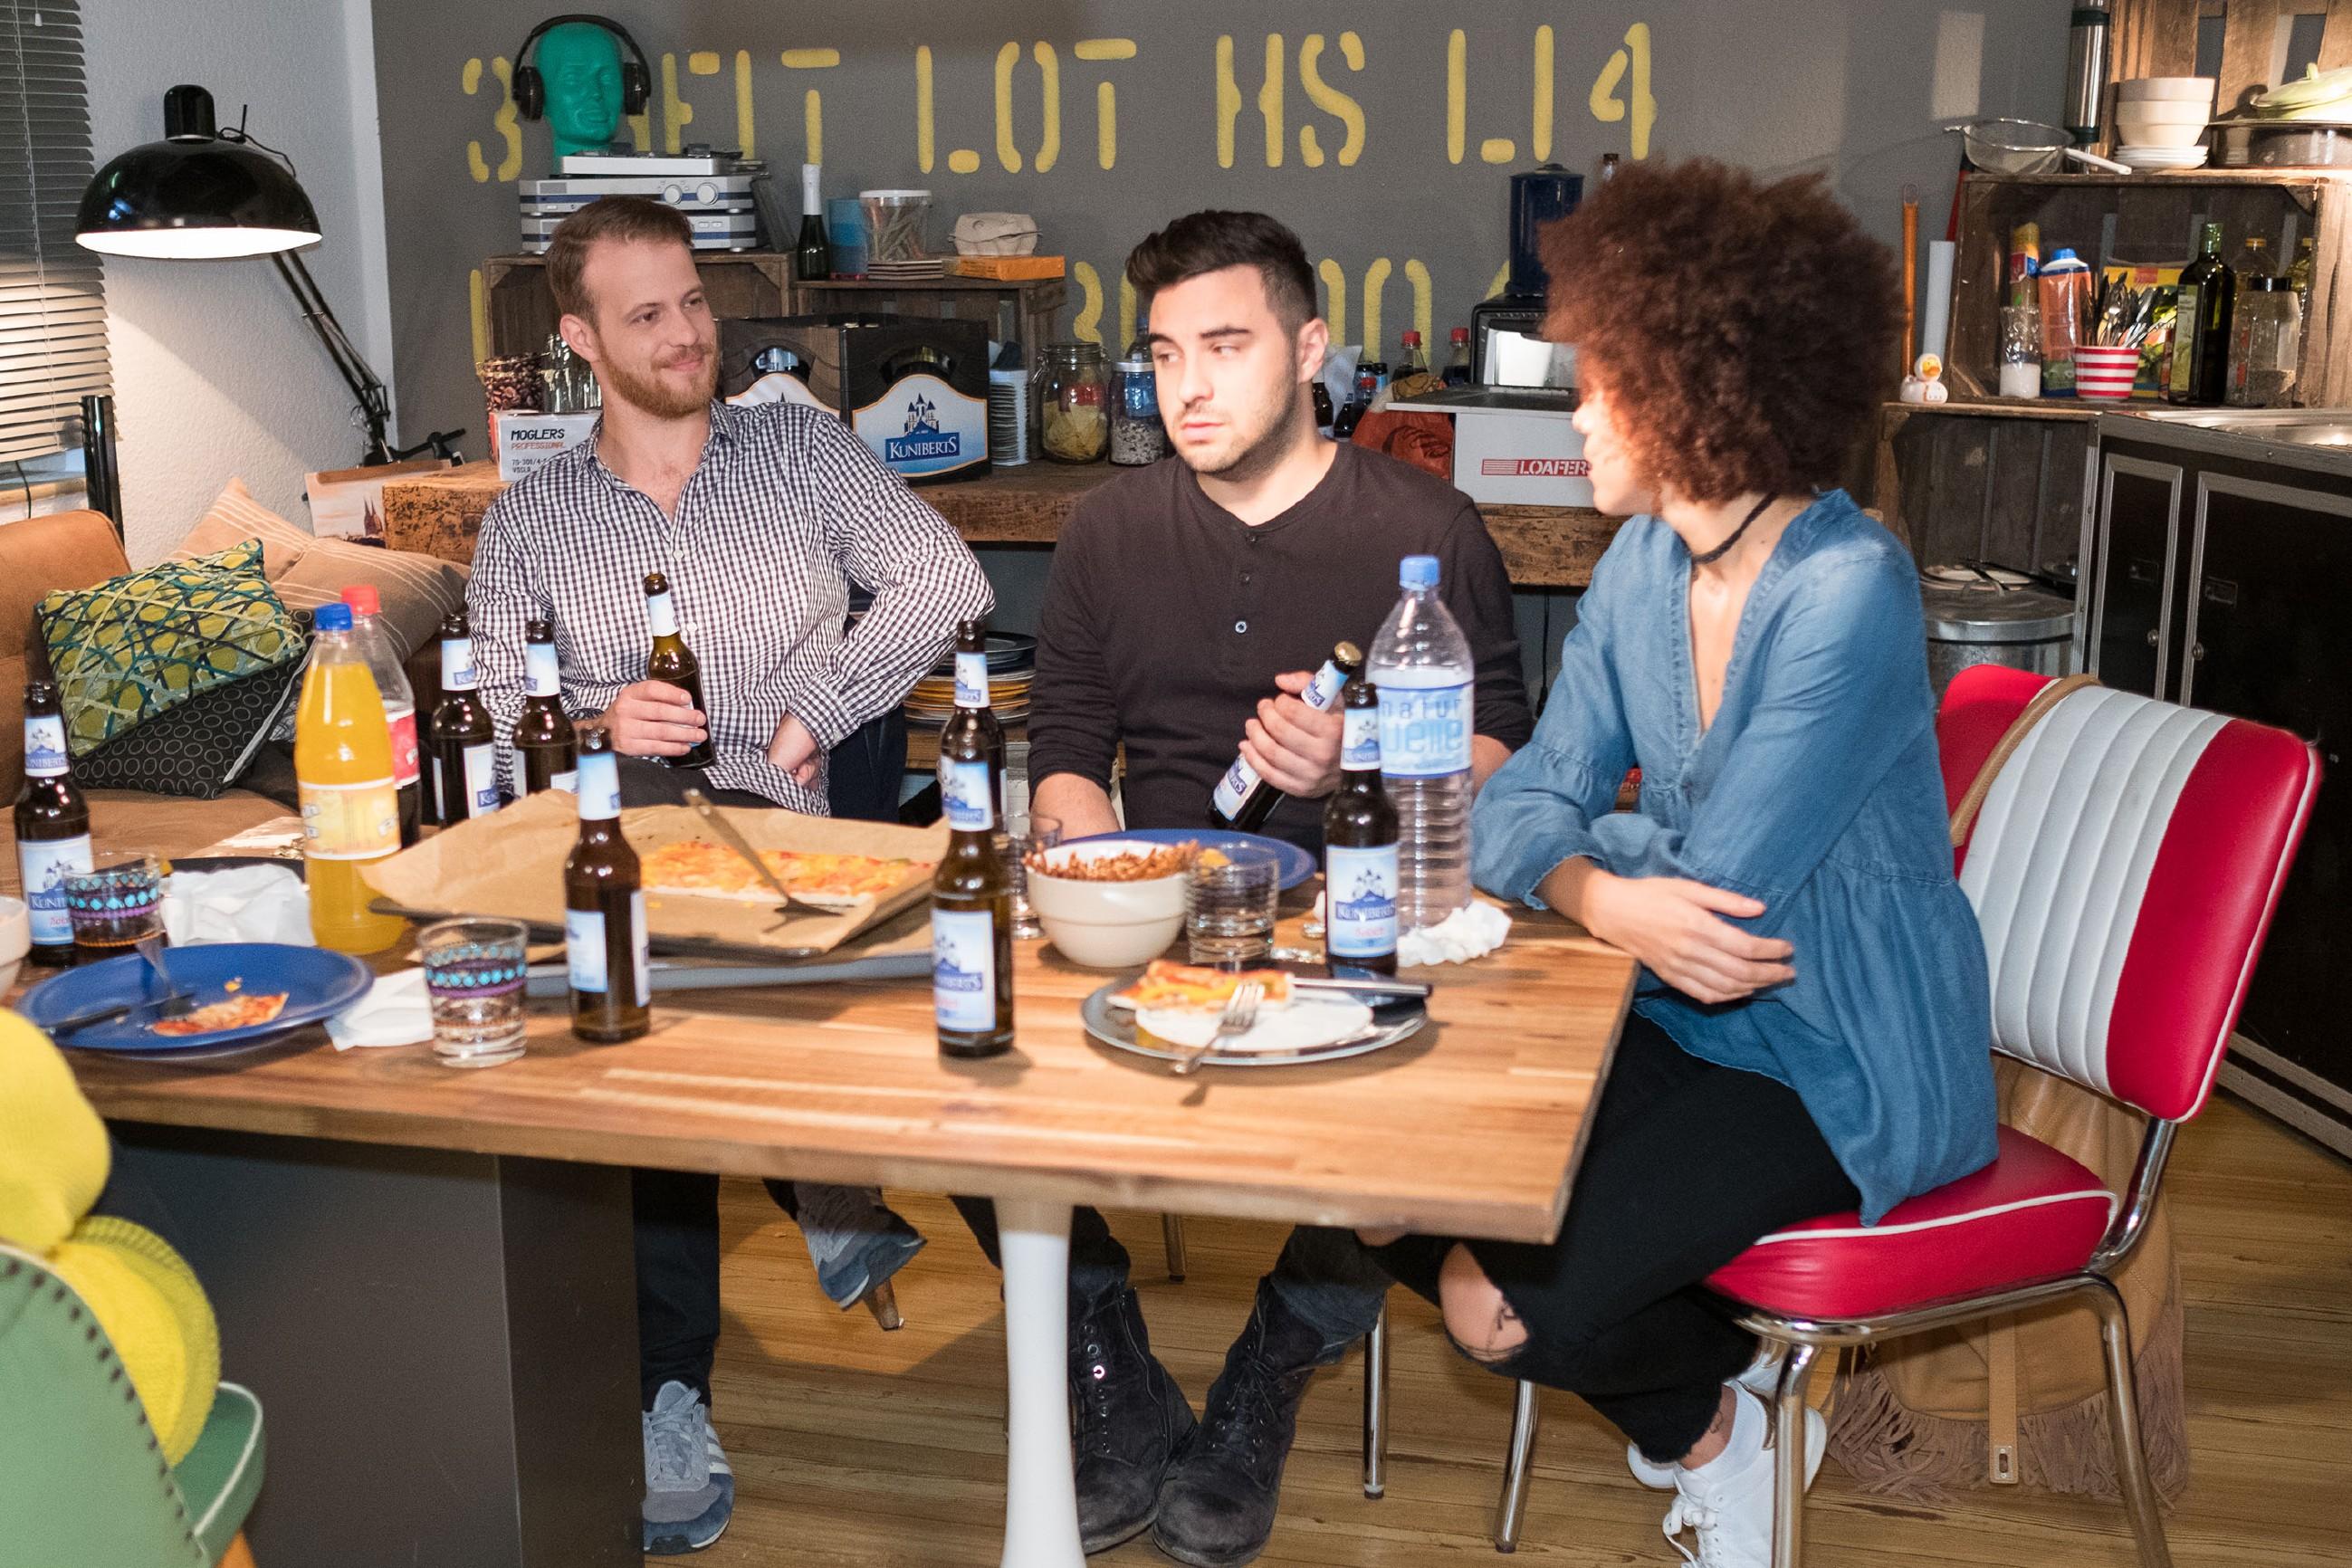 Tobias (Patrick Müller, l.) lässt sich im Beisein von Easy (Lars Steinhöfel) dazu hinreißen, Micki (Joy Lee Abiola-Müller) und ihren Verlobten zu beleidigen. (Quelle: RTL / Stefan Behrens)